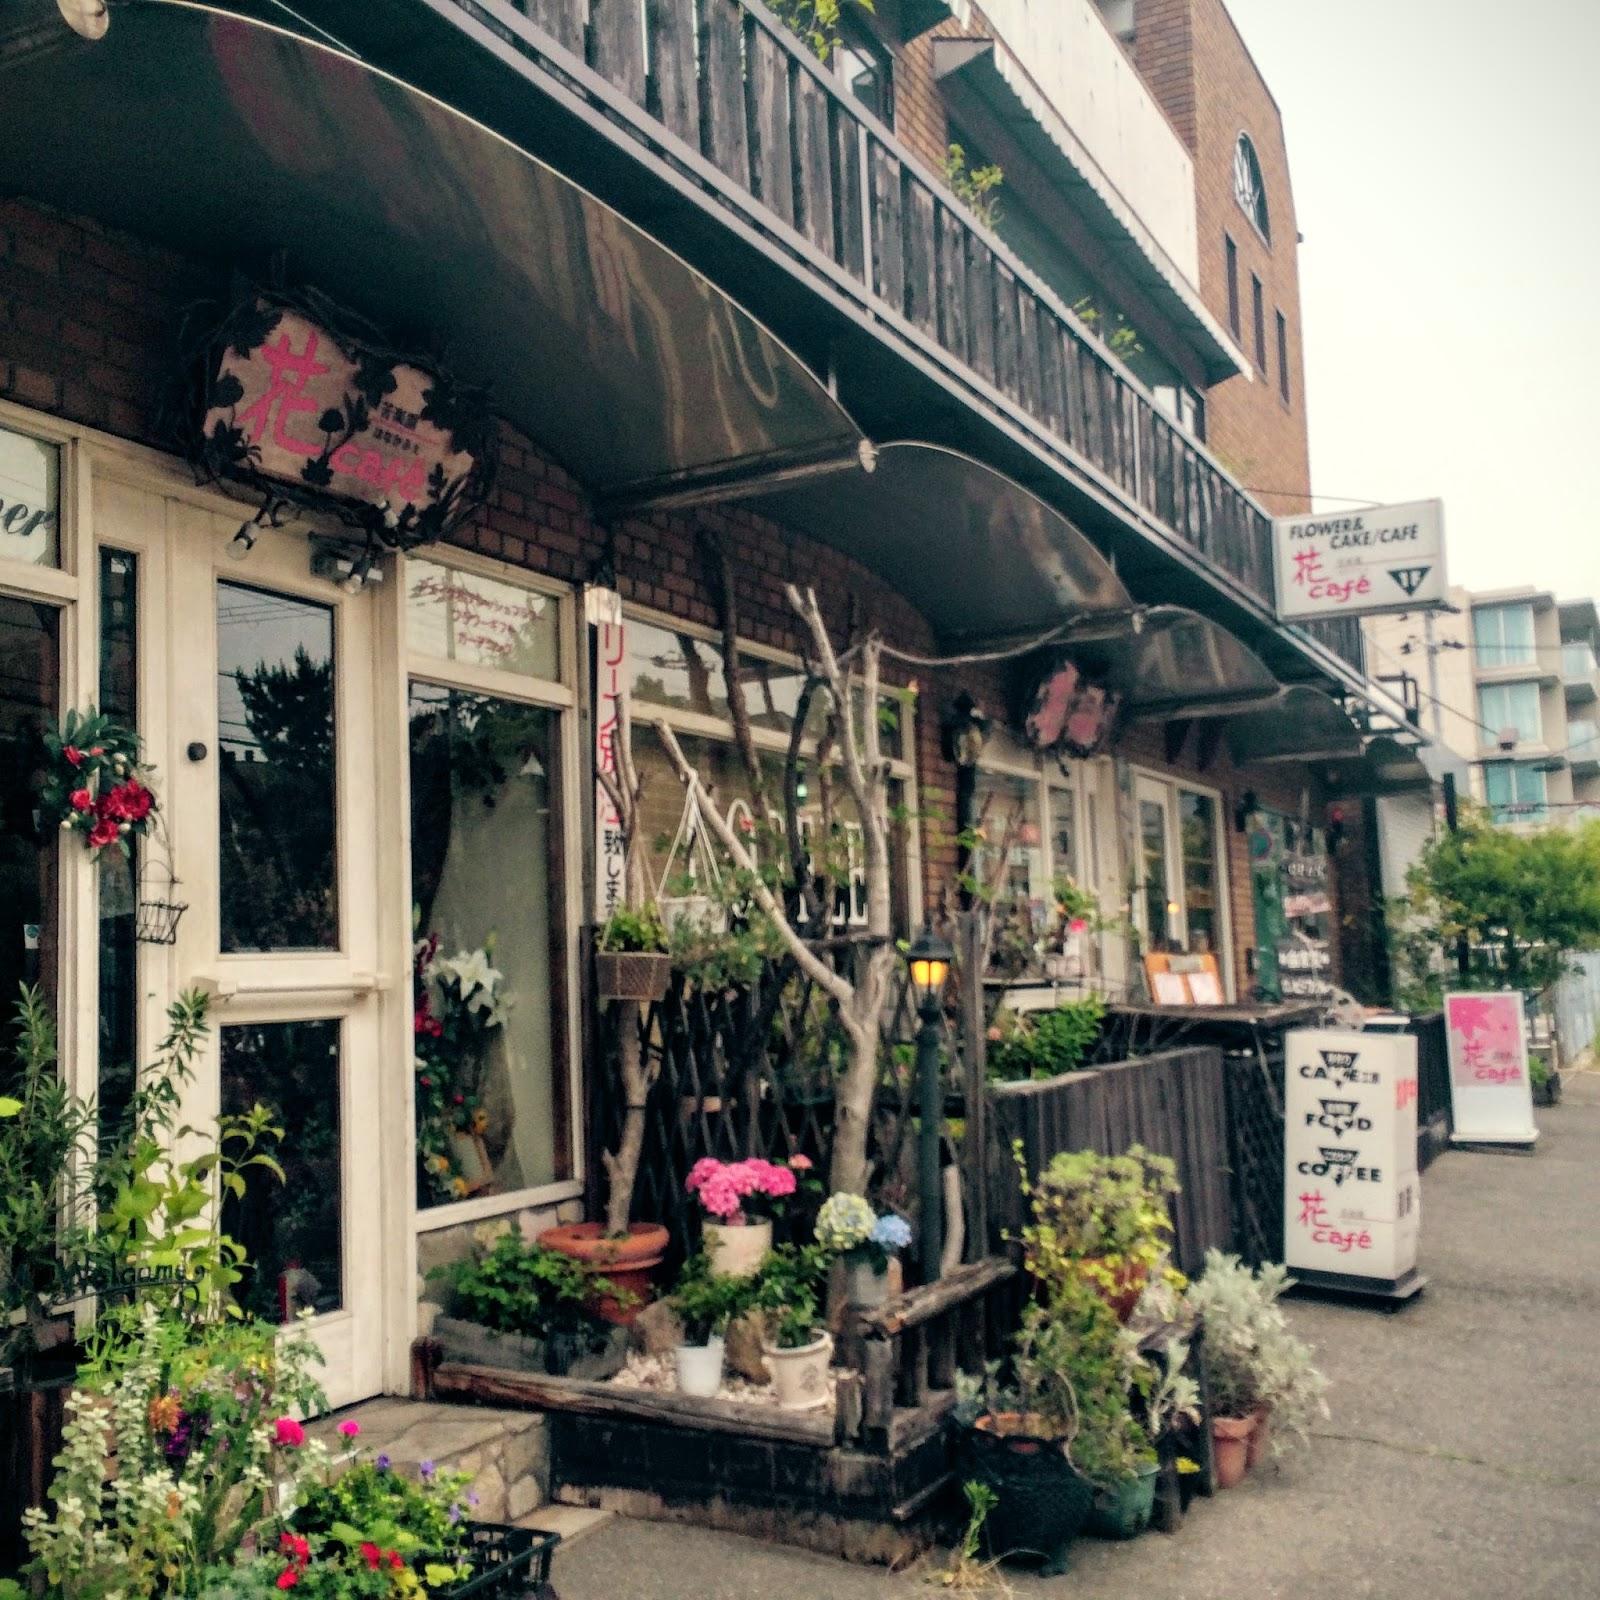 苦楽園の花カフェ(cafe)に到着